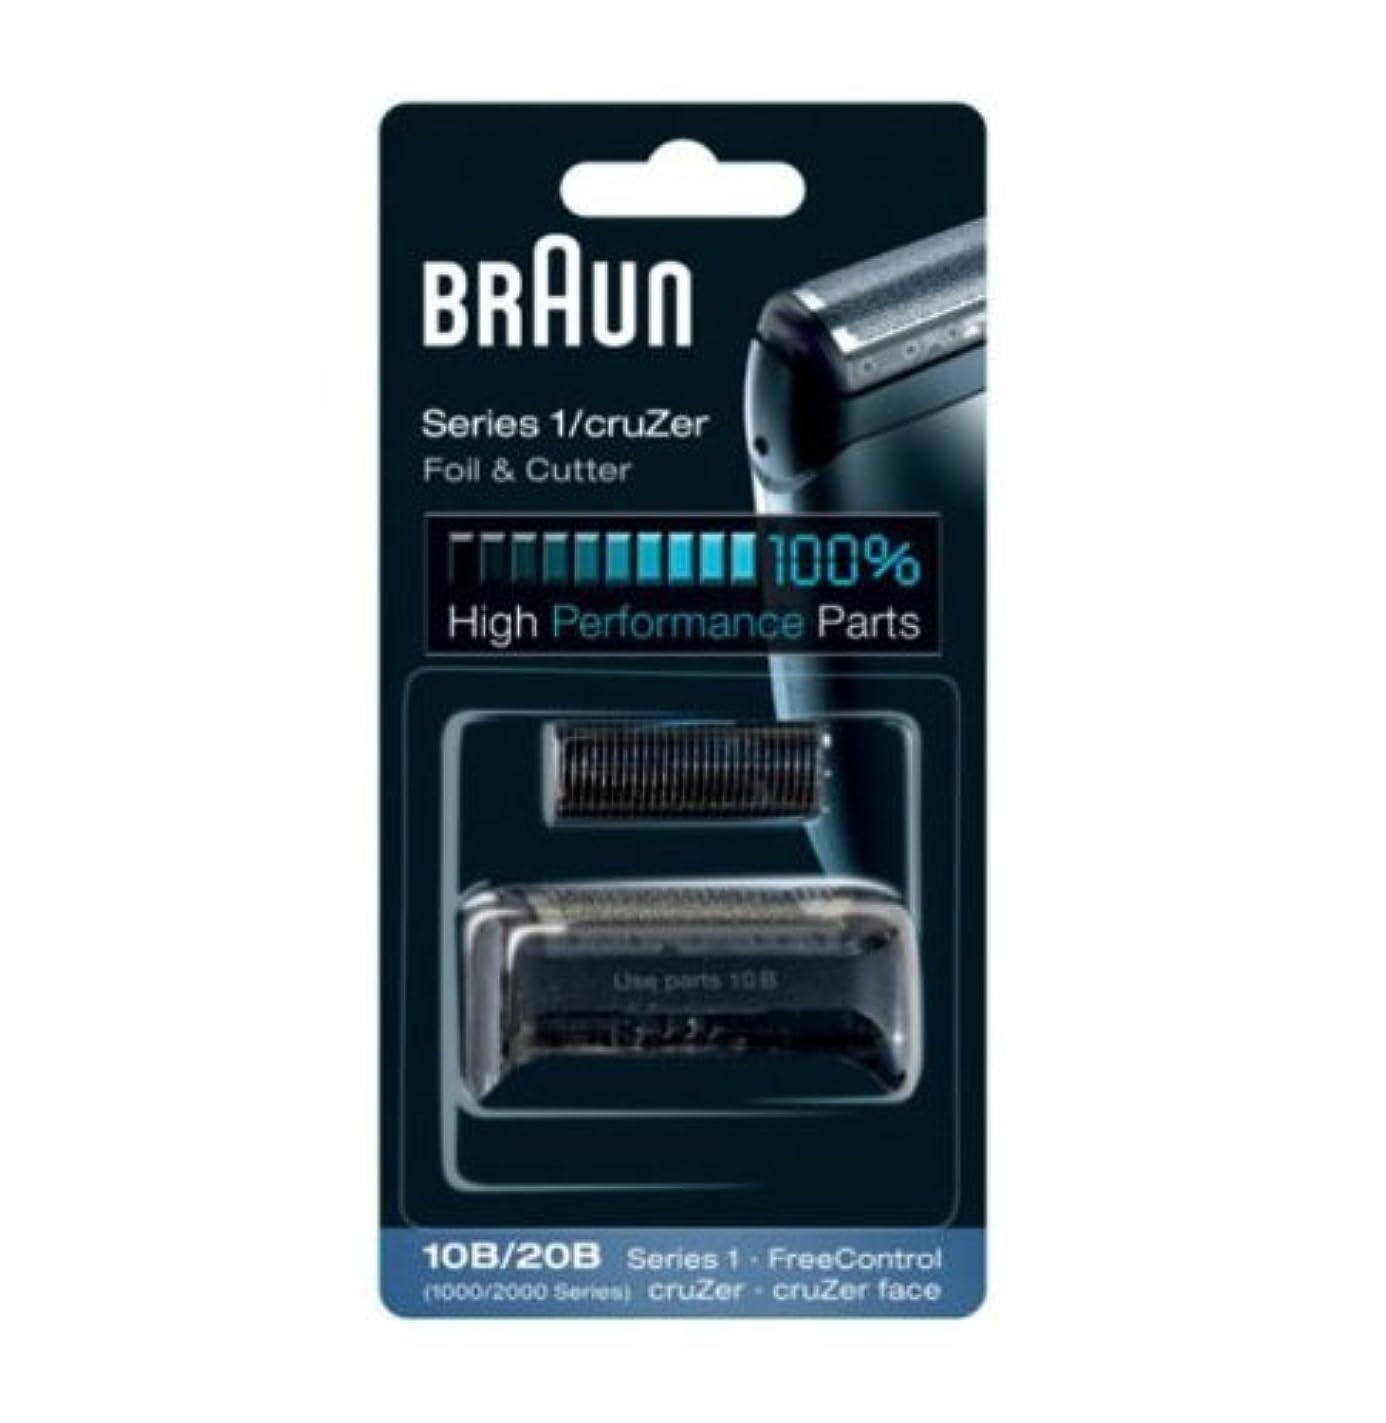 逸脱習字からかうBraun Replacement Foil & Cutter - 10B, Series 1,FreeControl - 1000 Series by Braun [並行輸入品]